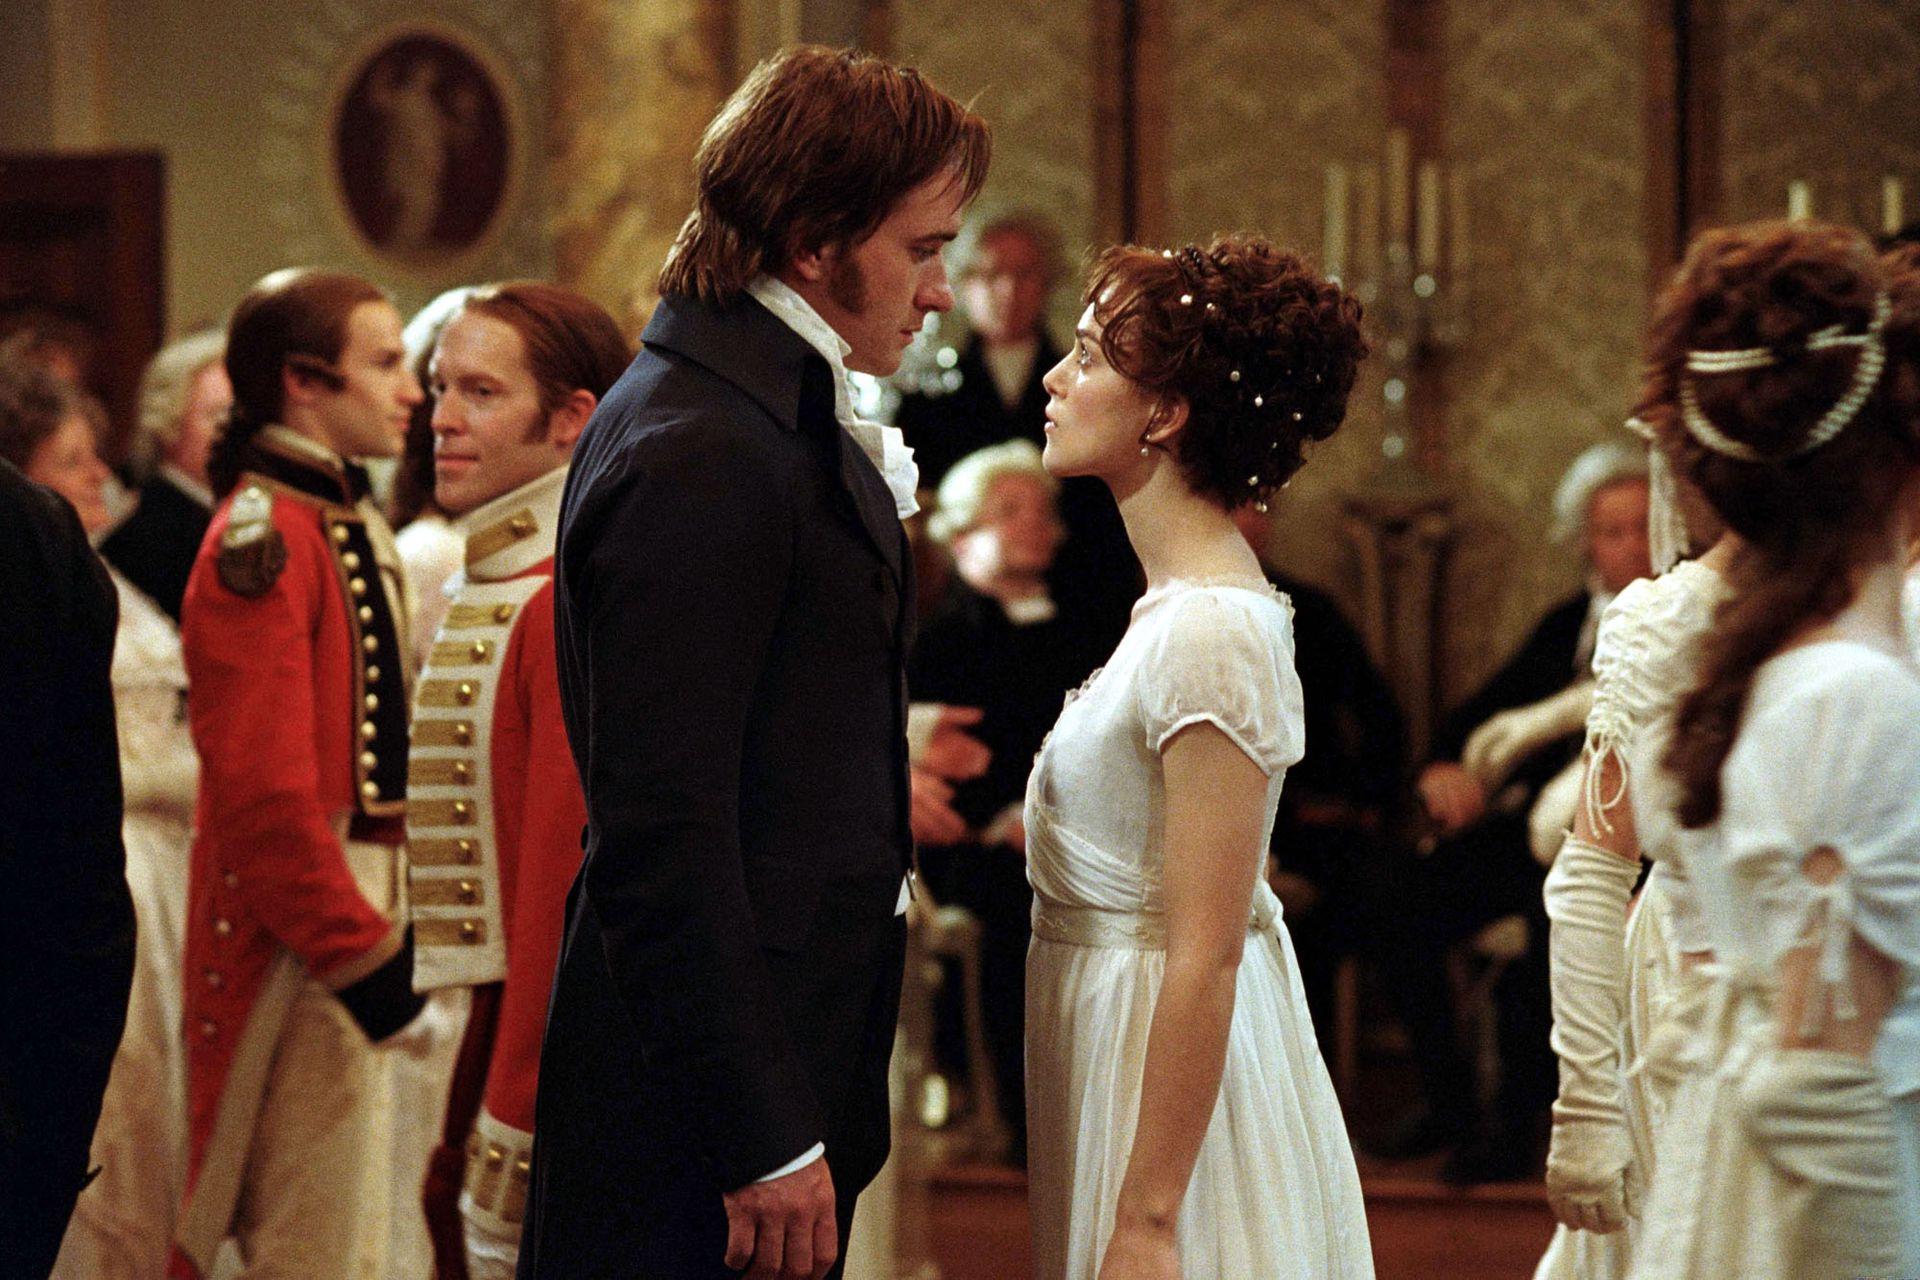 Orgullo y prejuicio, la inolvidable versión protagonizada por Keira Knightley como Elizabeth Bennet